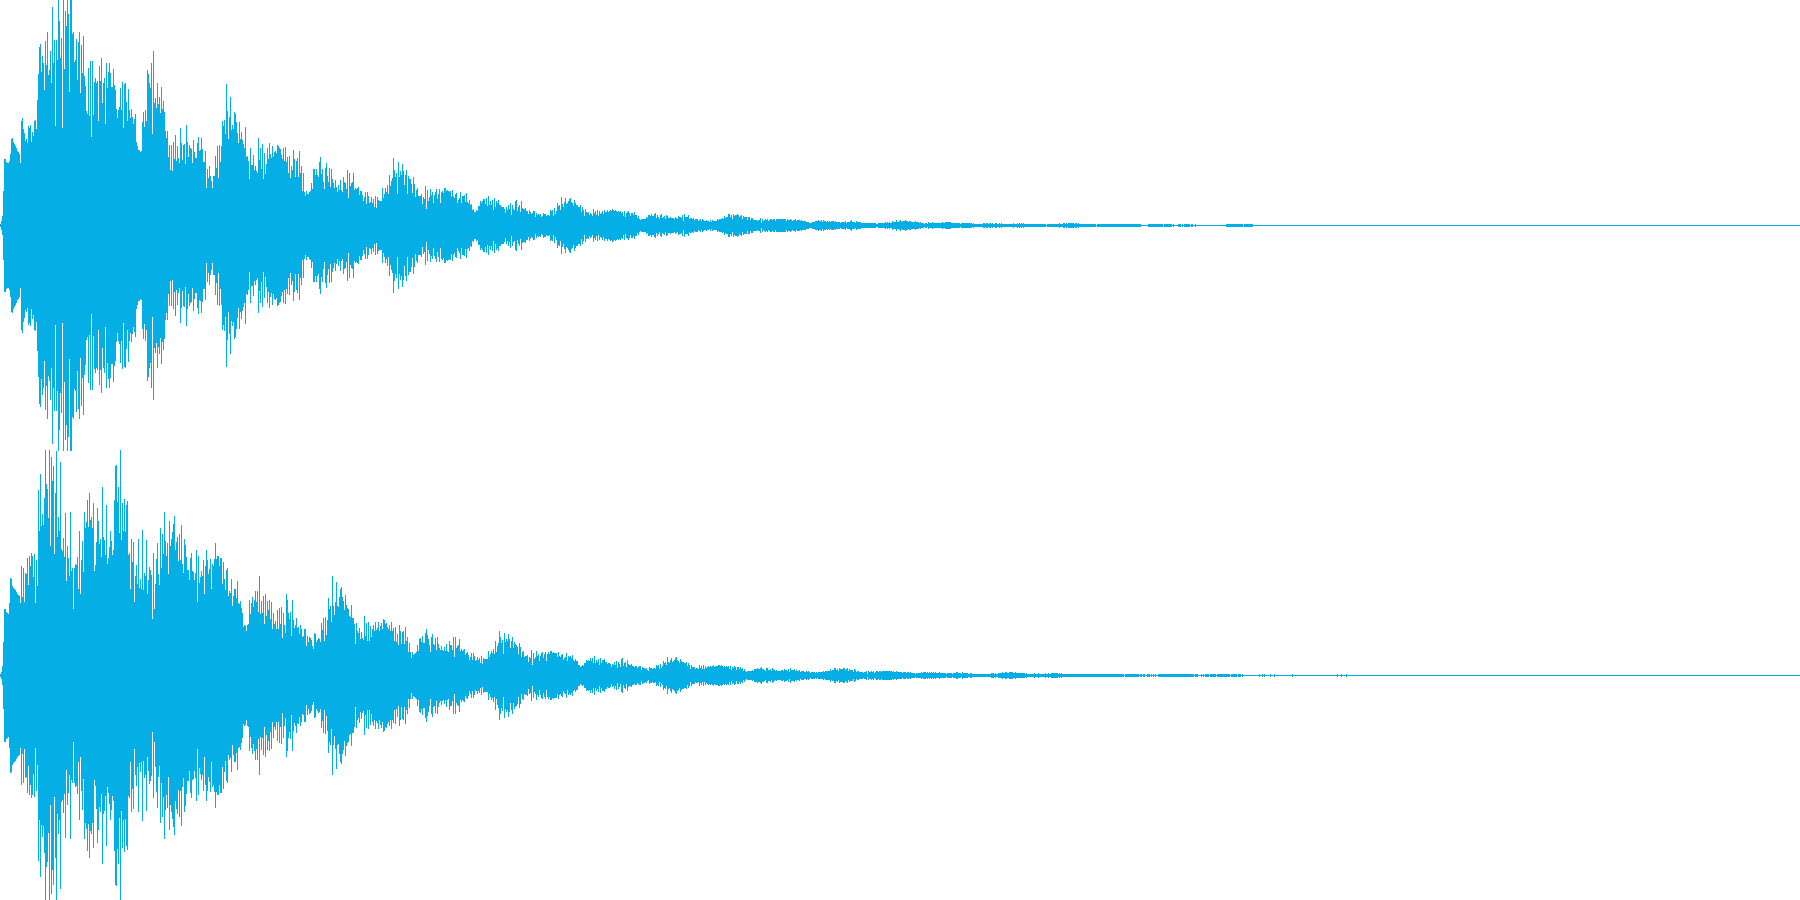 サウンドロゴ39_ベル系の再生済みの波形